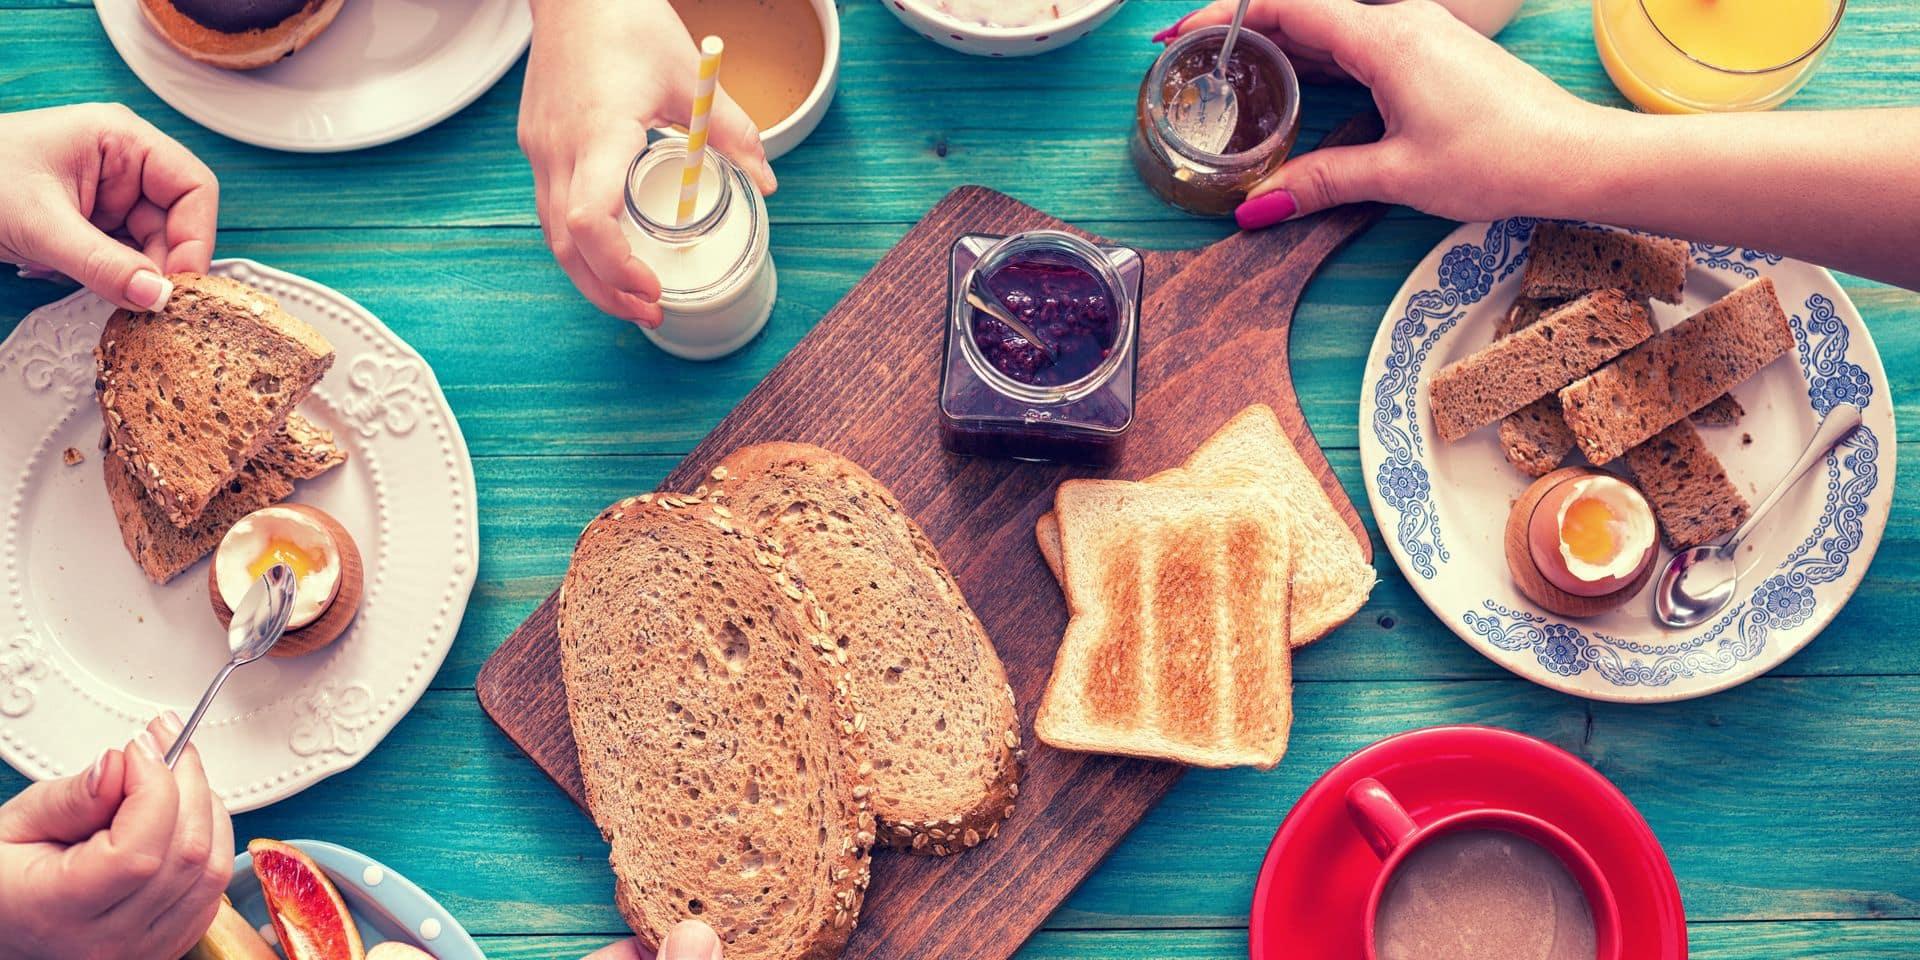 Le Belge zappe de plus en plus souvent son petit-déjeuner, et c'est une très mauvaise idée